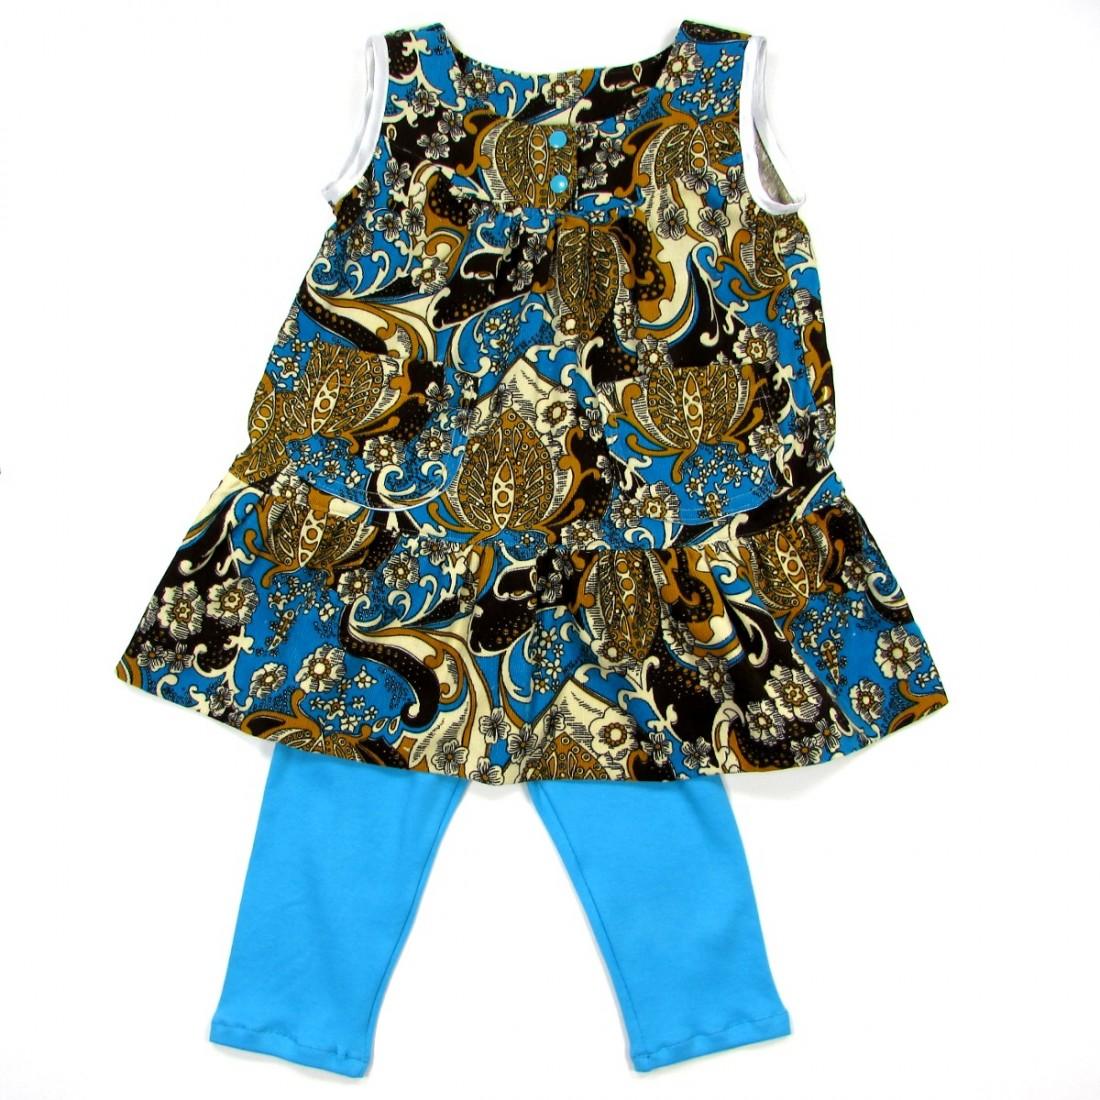 Robe chasuble velours bleu imprimé et legging en jersey turquoise pour bébé fille 2 ans